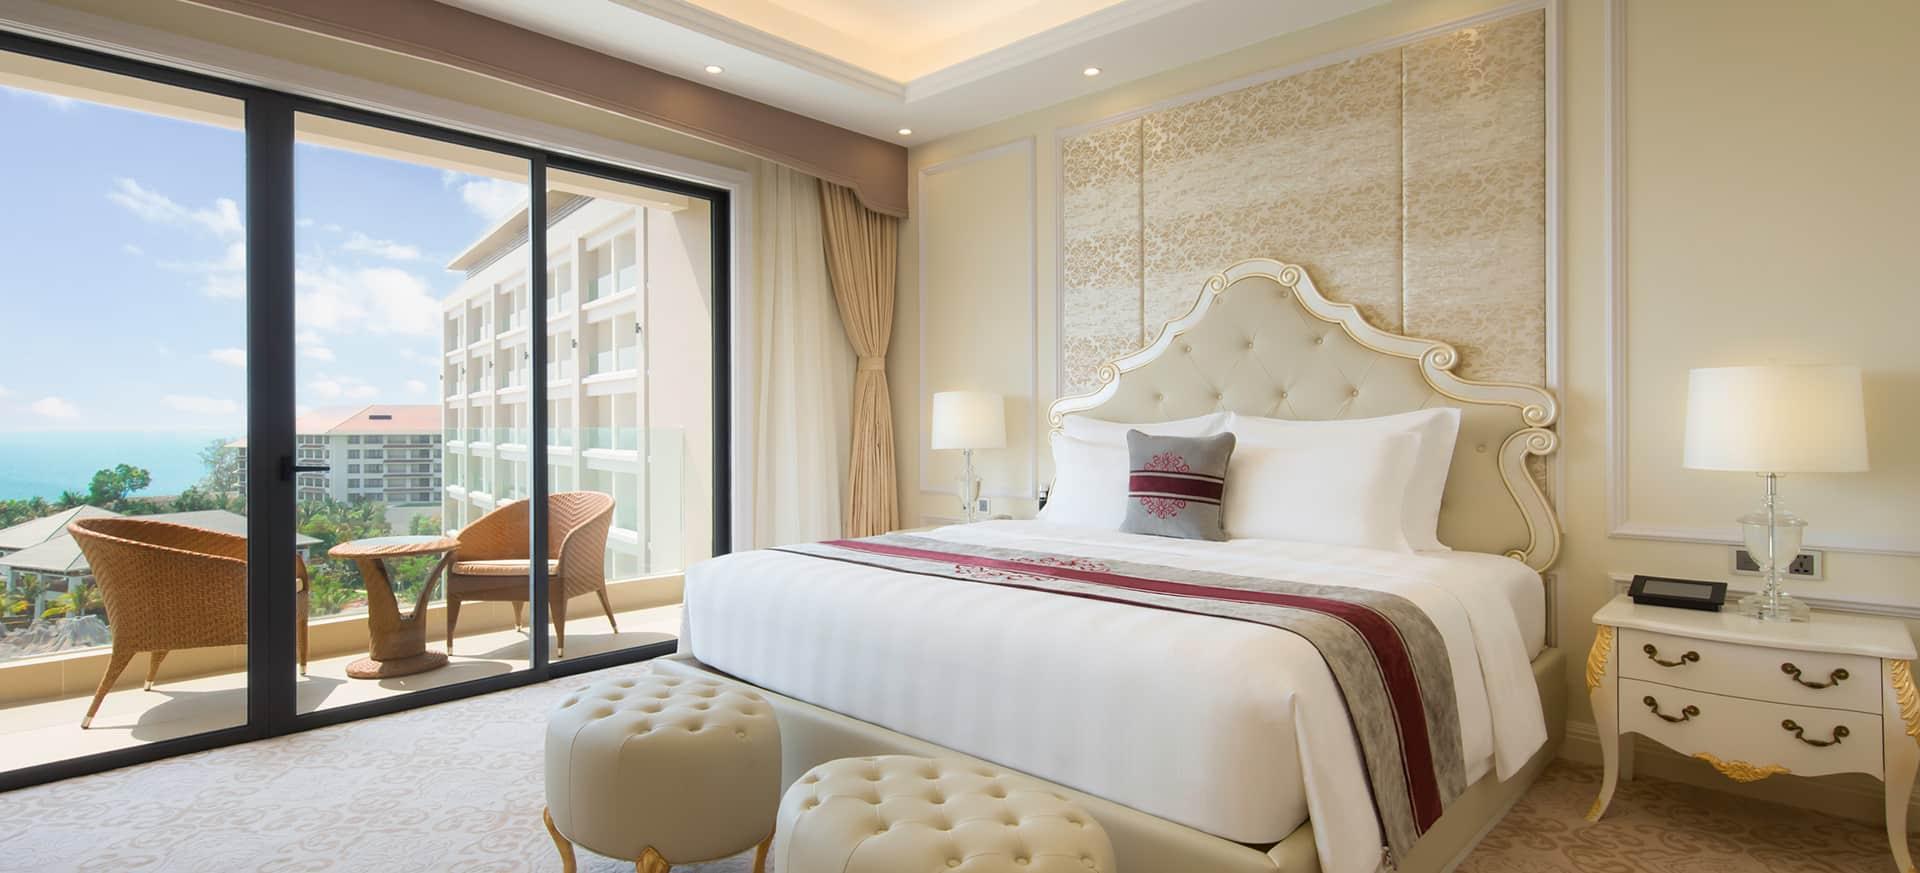 Vinpearl Condotel Nha Trang – Thiên đường đầu tư nghỉ dưỡng chỉ với 800 triệu